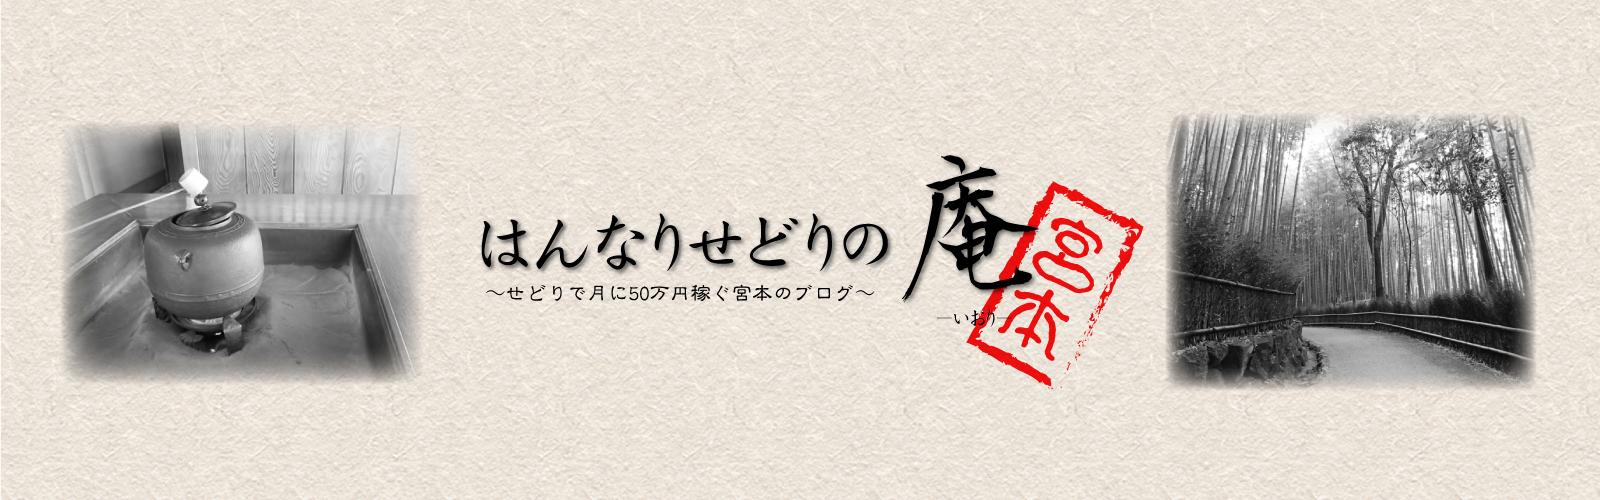 在宅せどりで月に50万円稼ぐ宮本のブログ